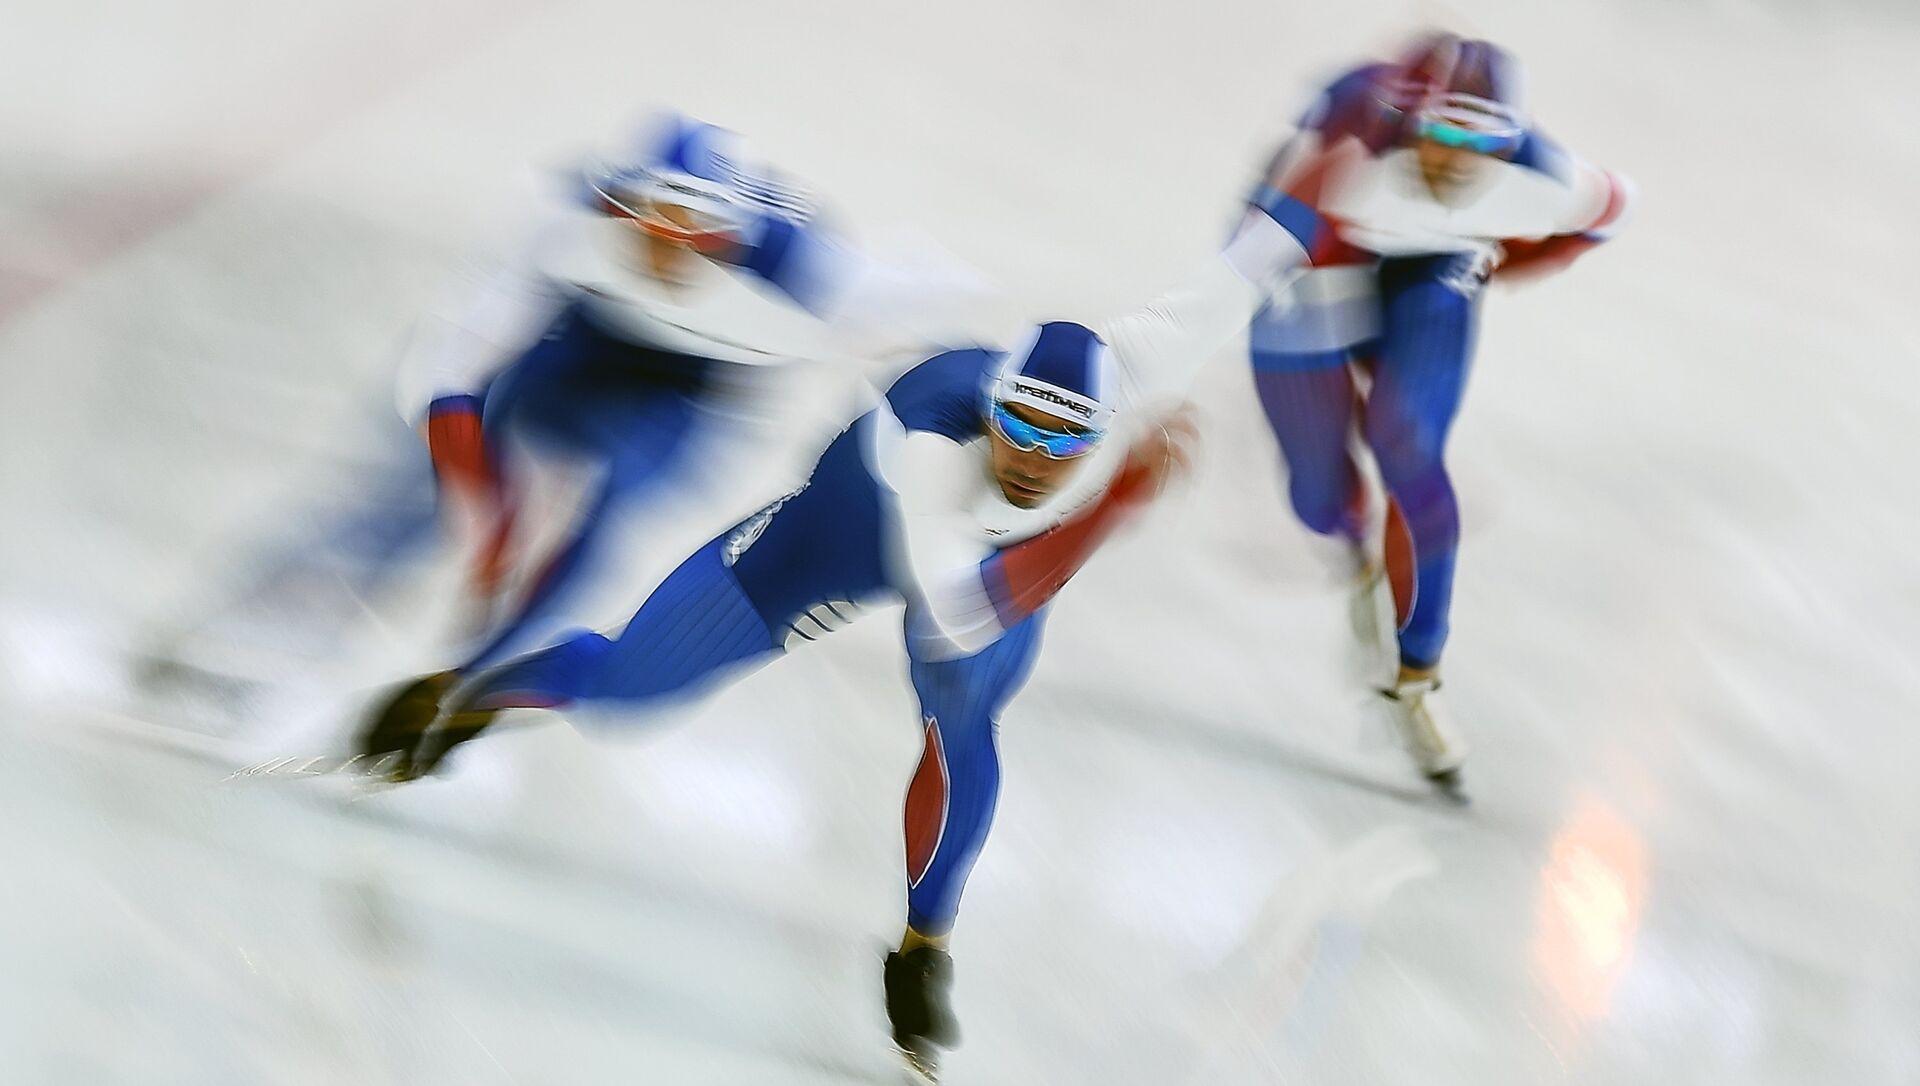 Денис Јусков, Павел Кулижњиков и Руслан Мурашов током такмичења у брзом клизању  - Sputnik Србија, 1920, 10.02.2021